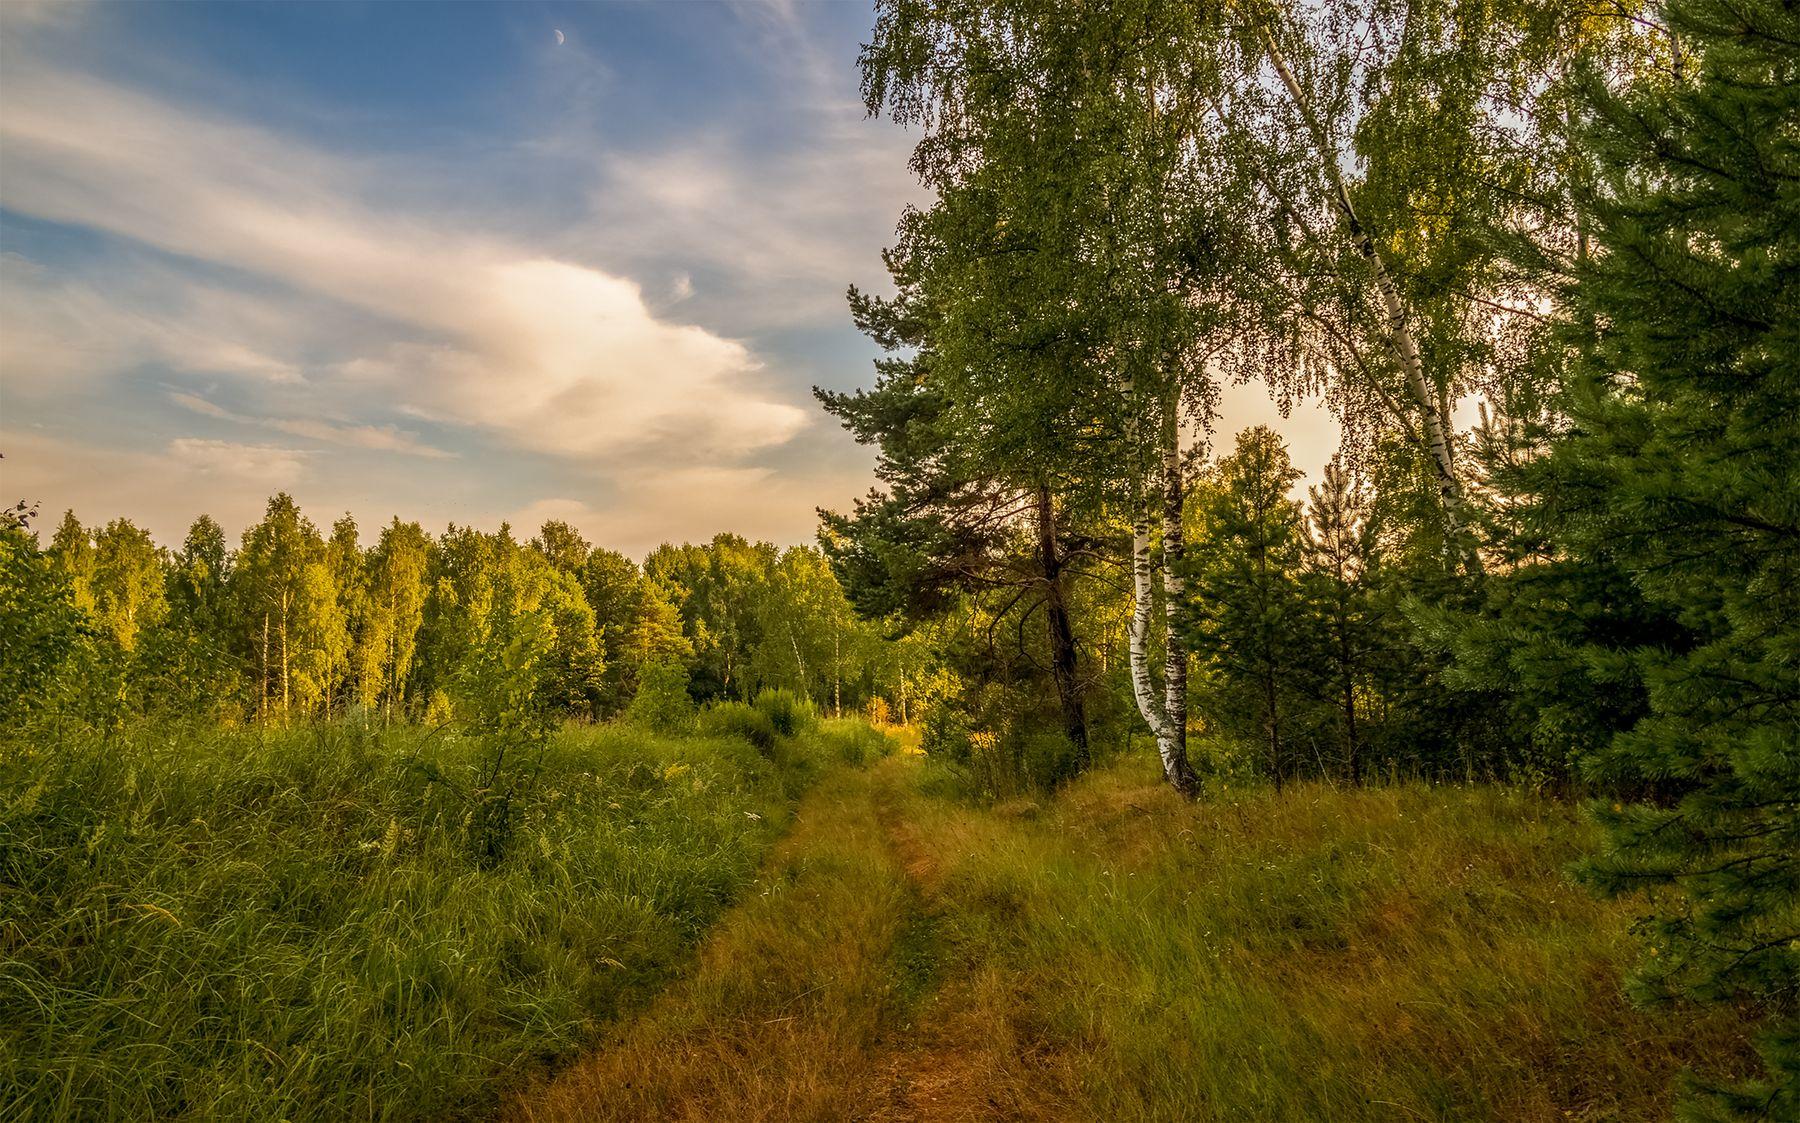 На закате дня в лесу.# 03